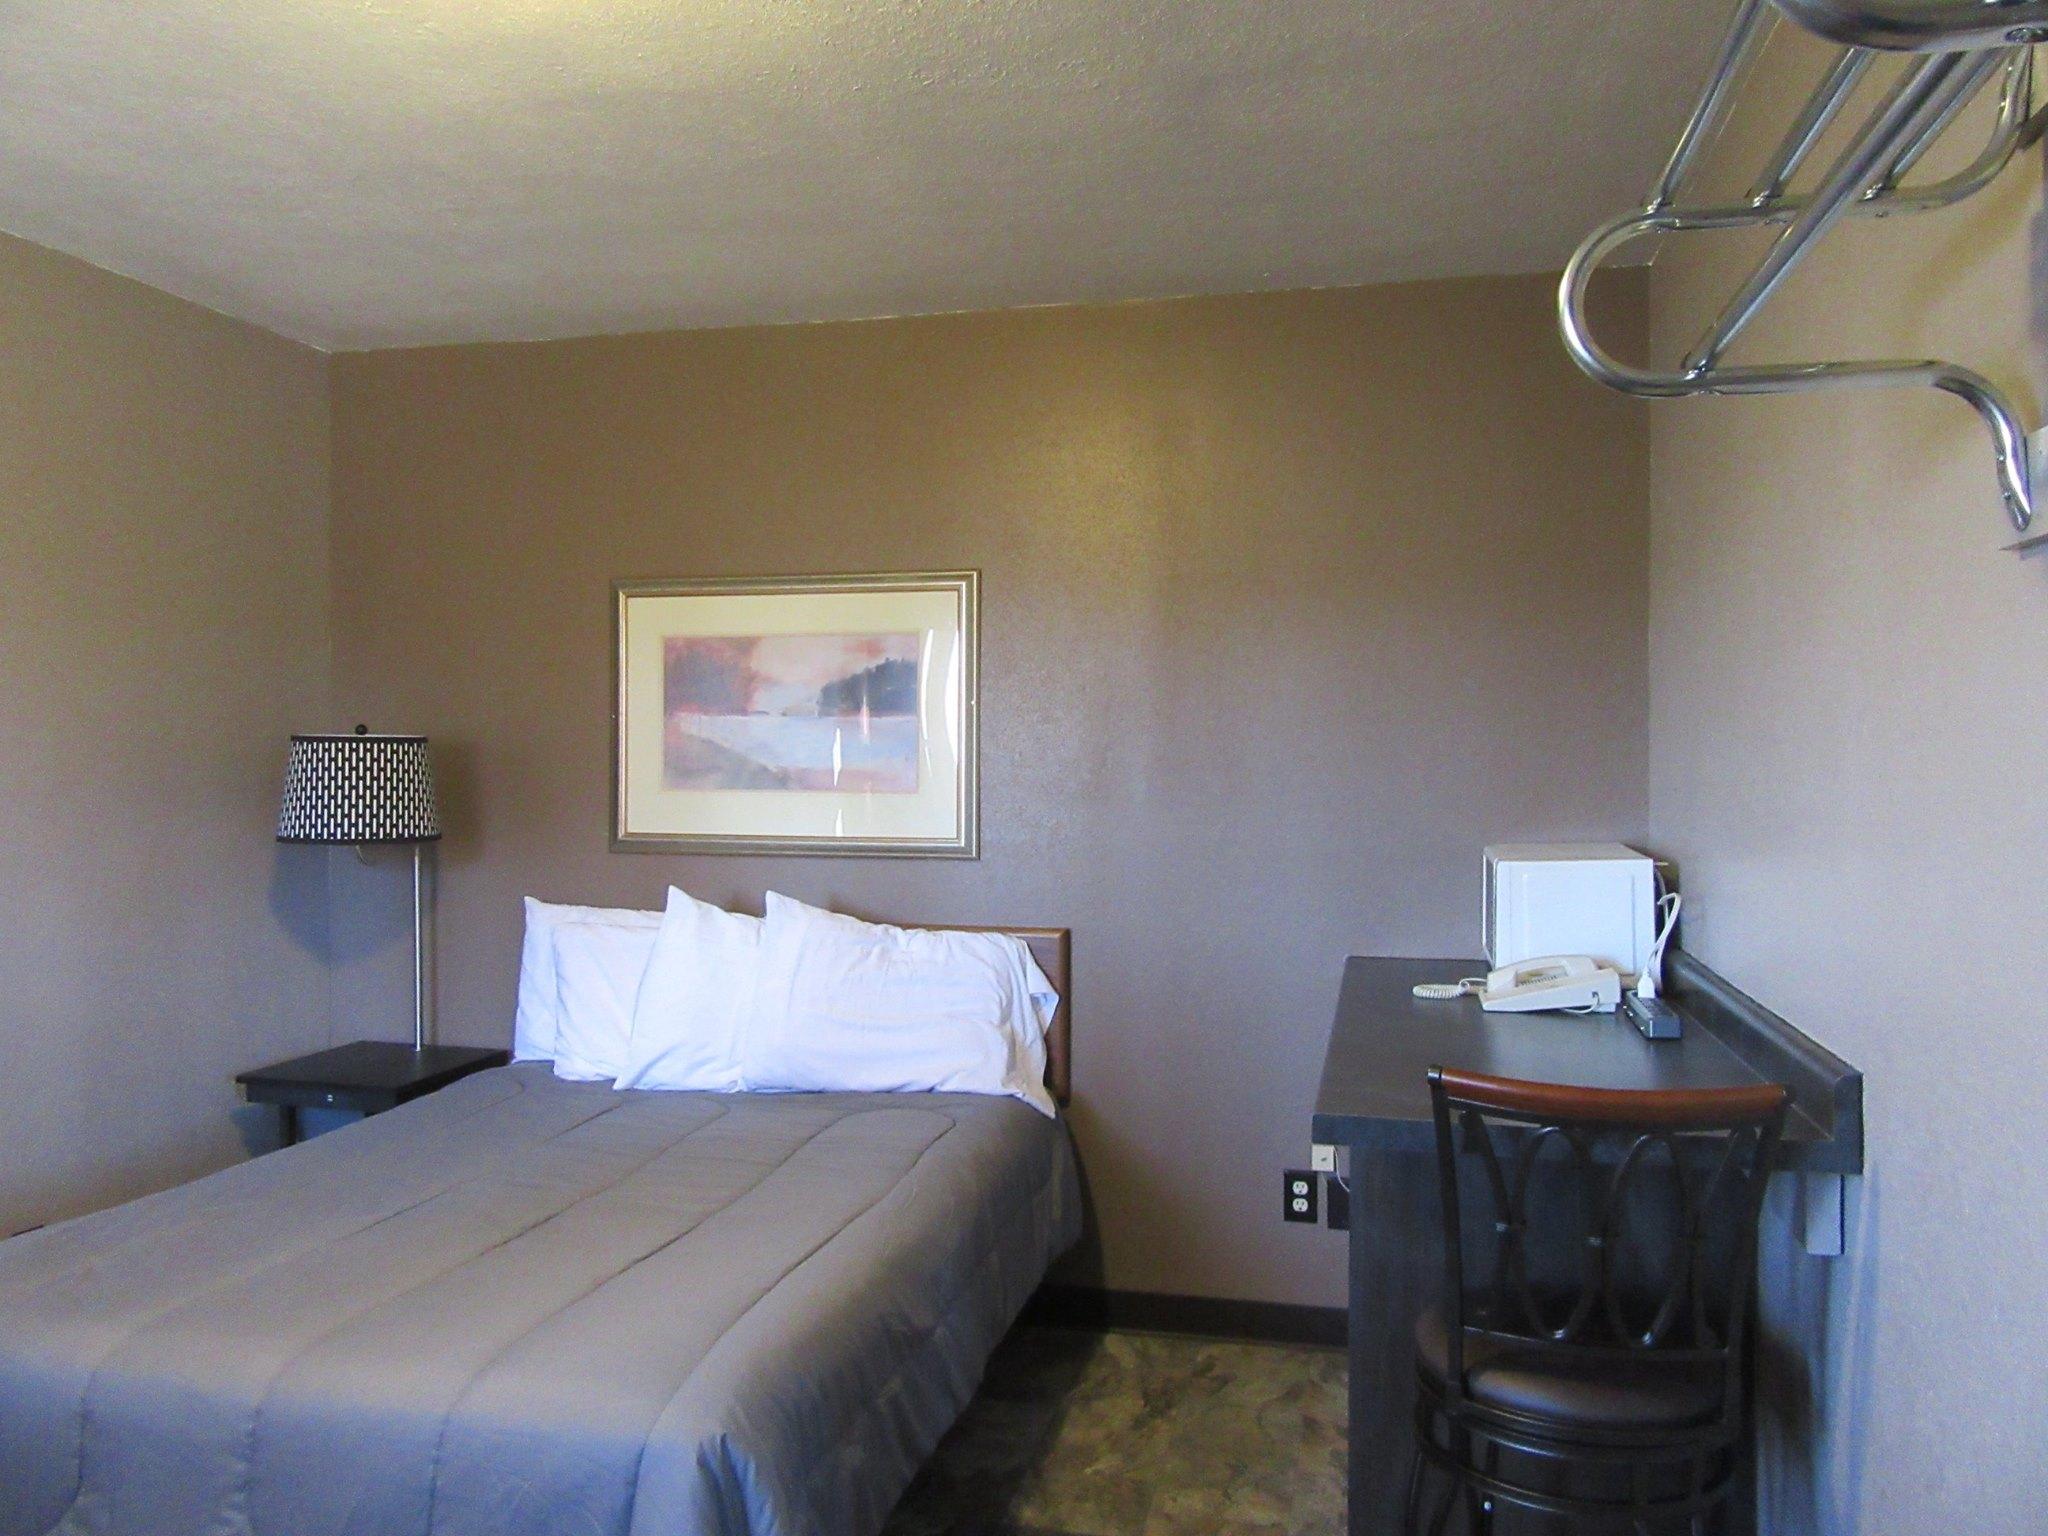 pullman motel1.jpg